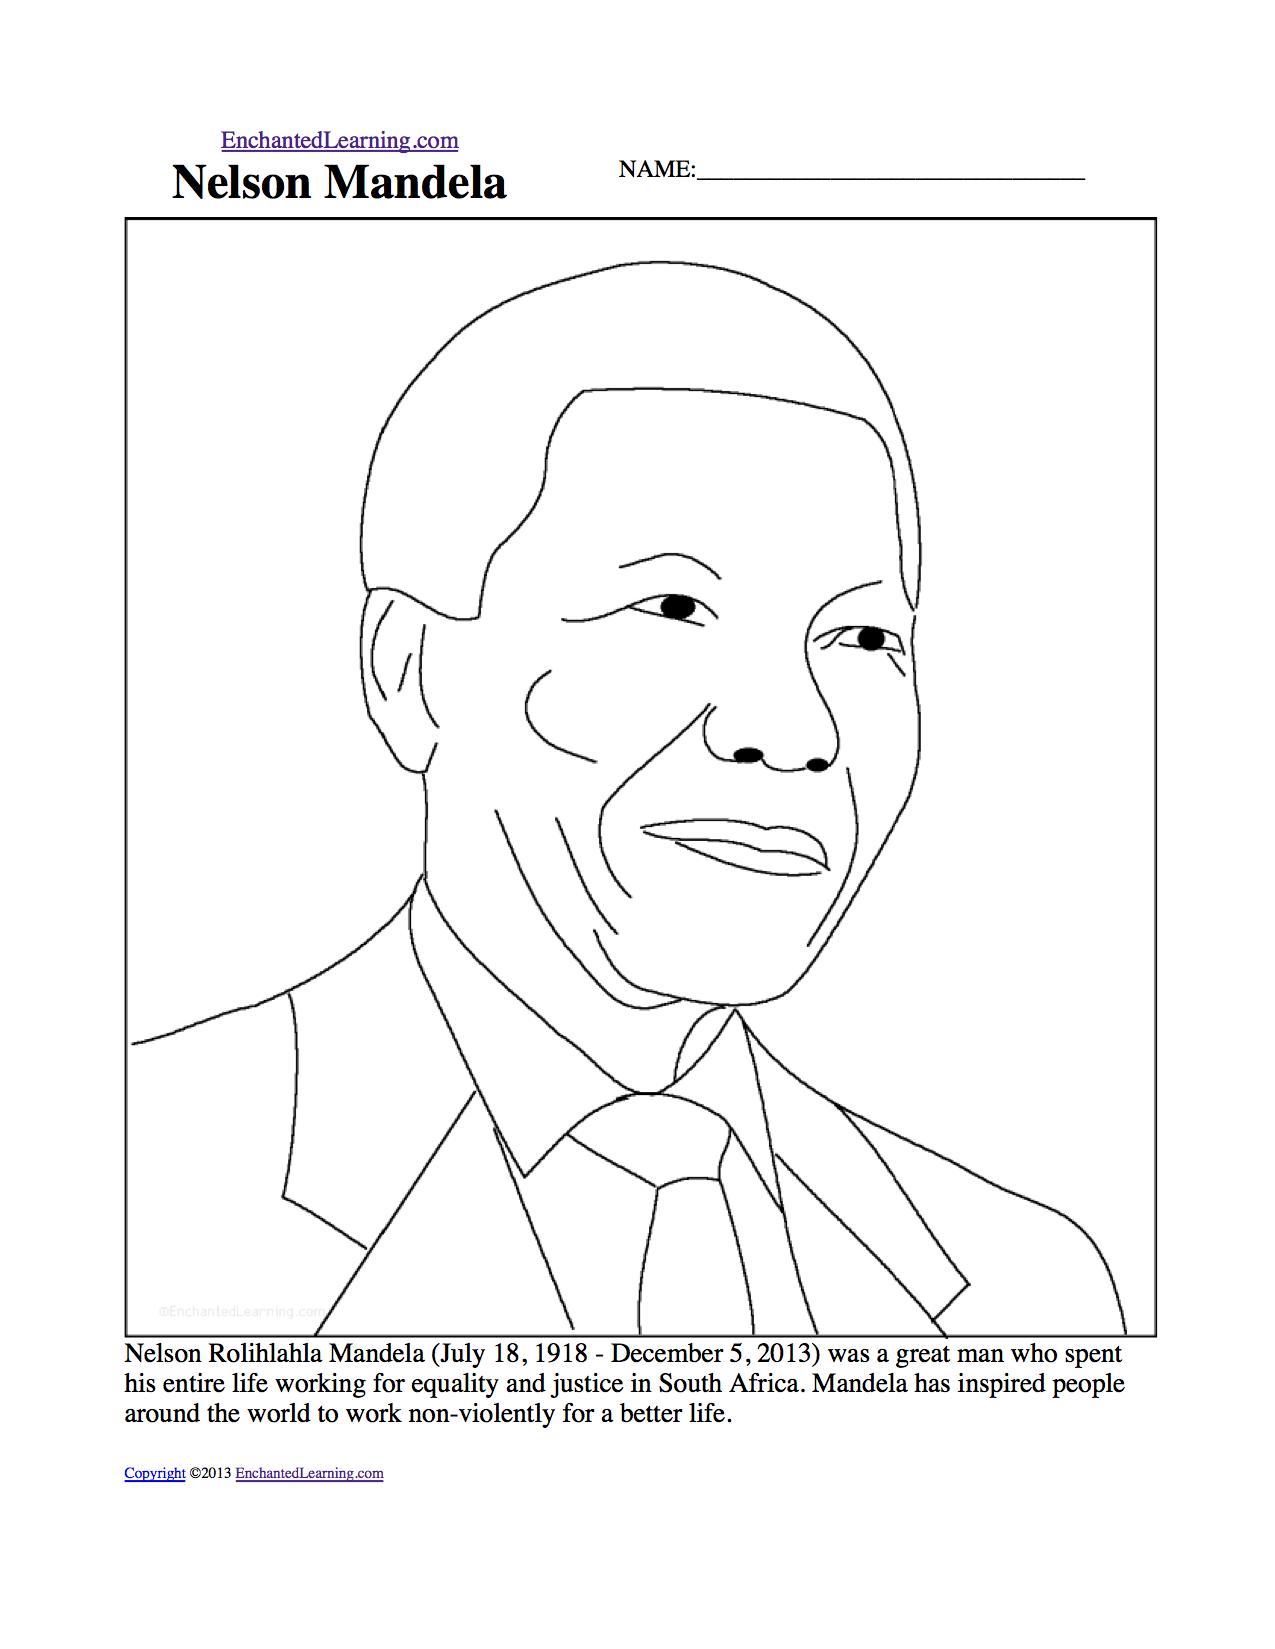 Nelson Mandela  Enchantedlearningcom Nelson Mandela Printout Business Ethics Essays also Health And Fitness Essays  Online Writing Gigs